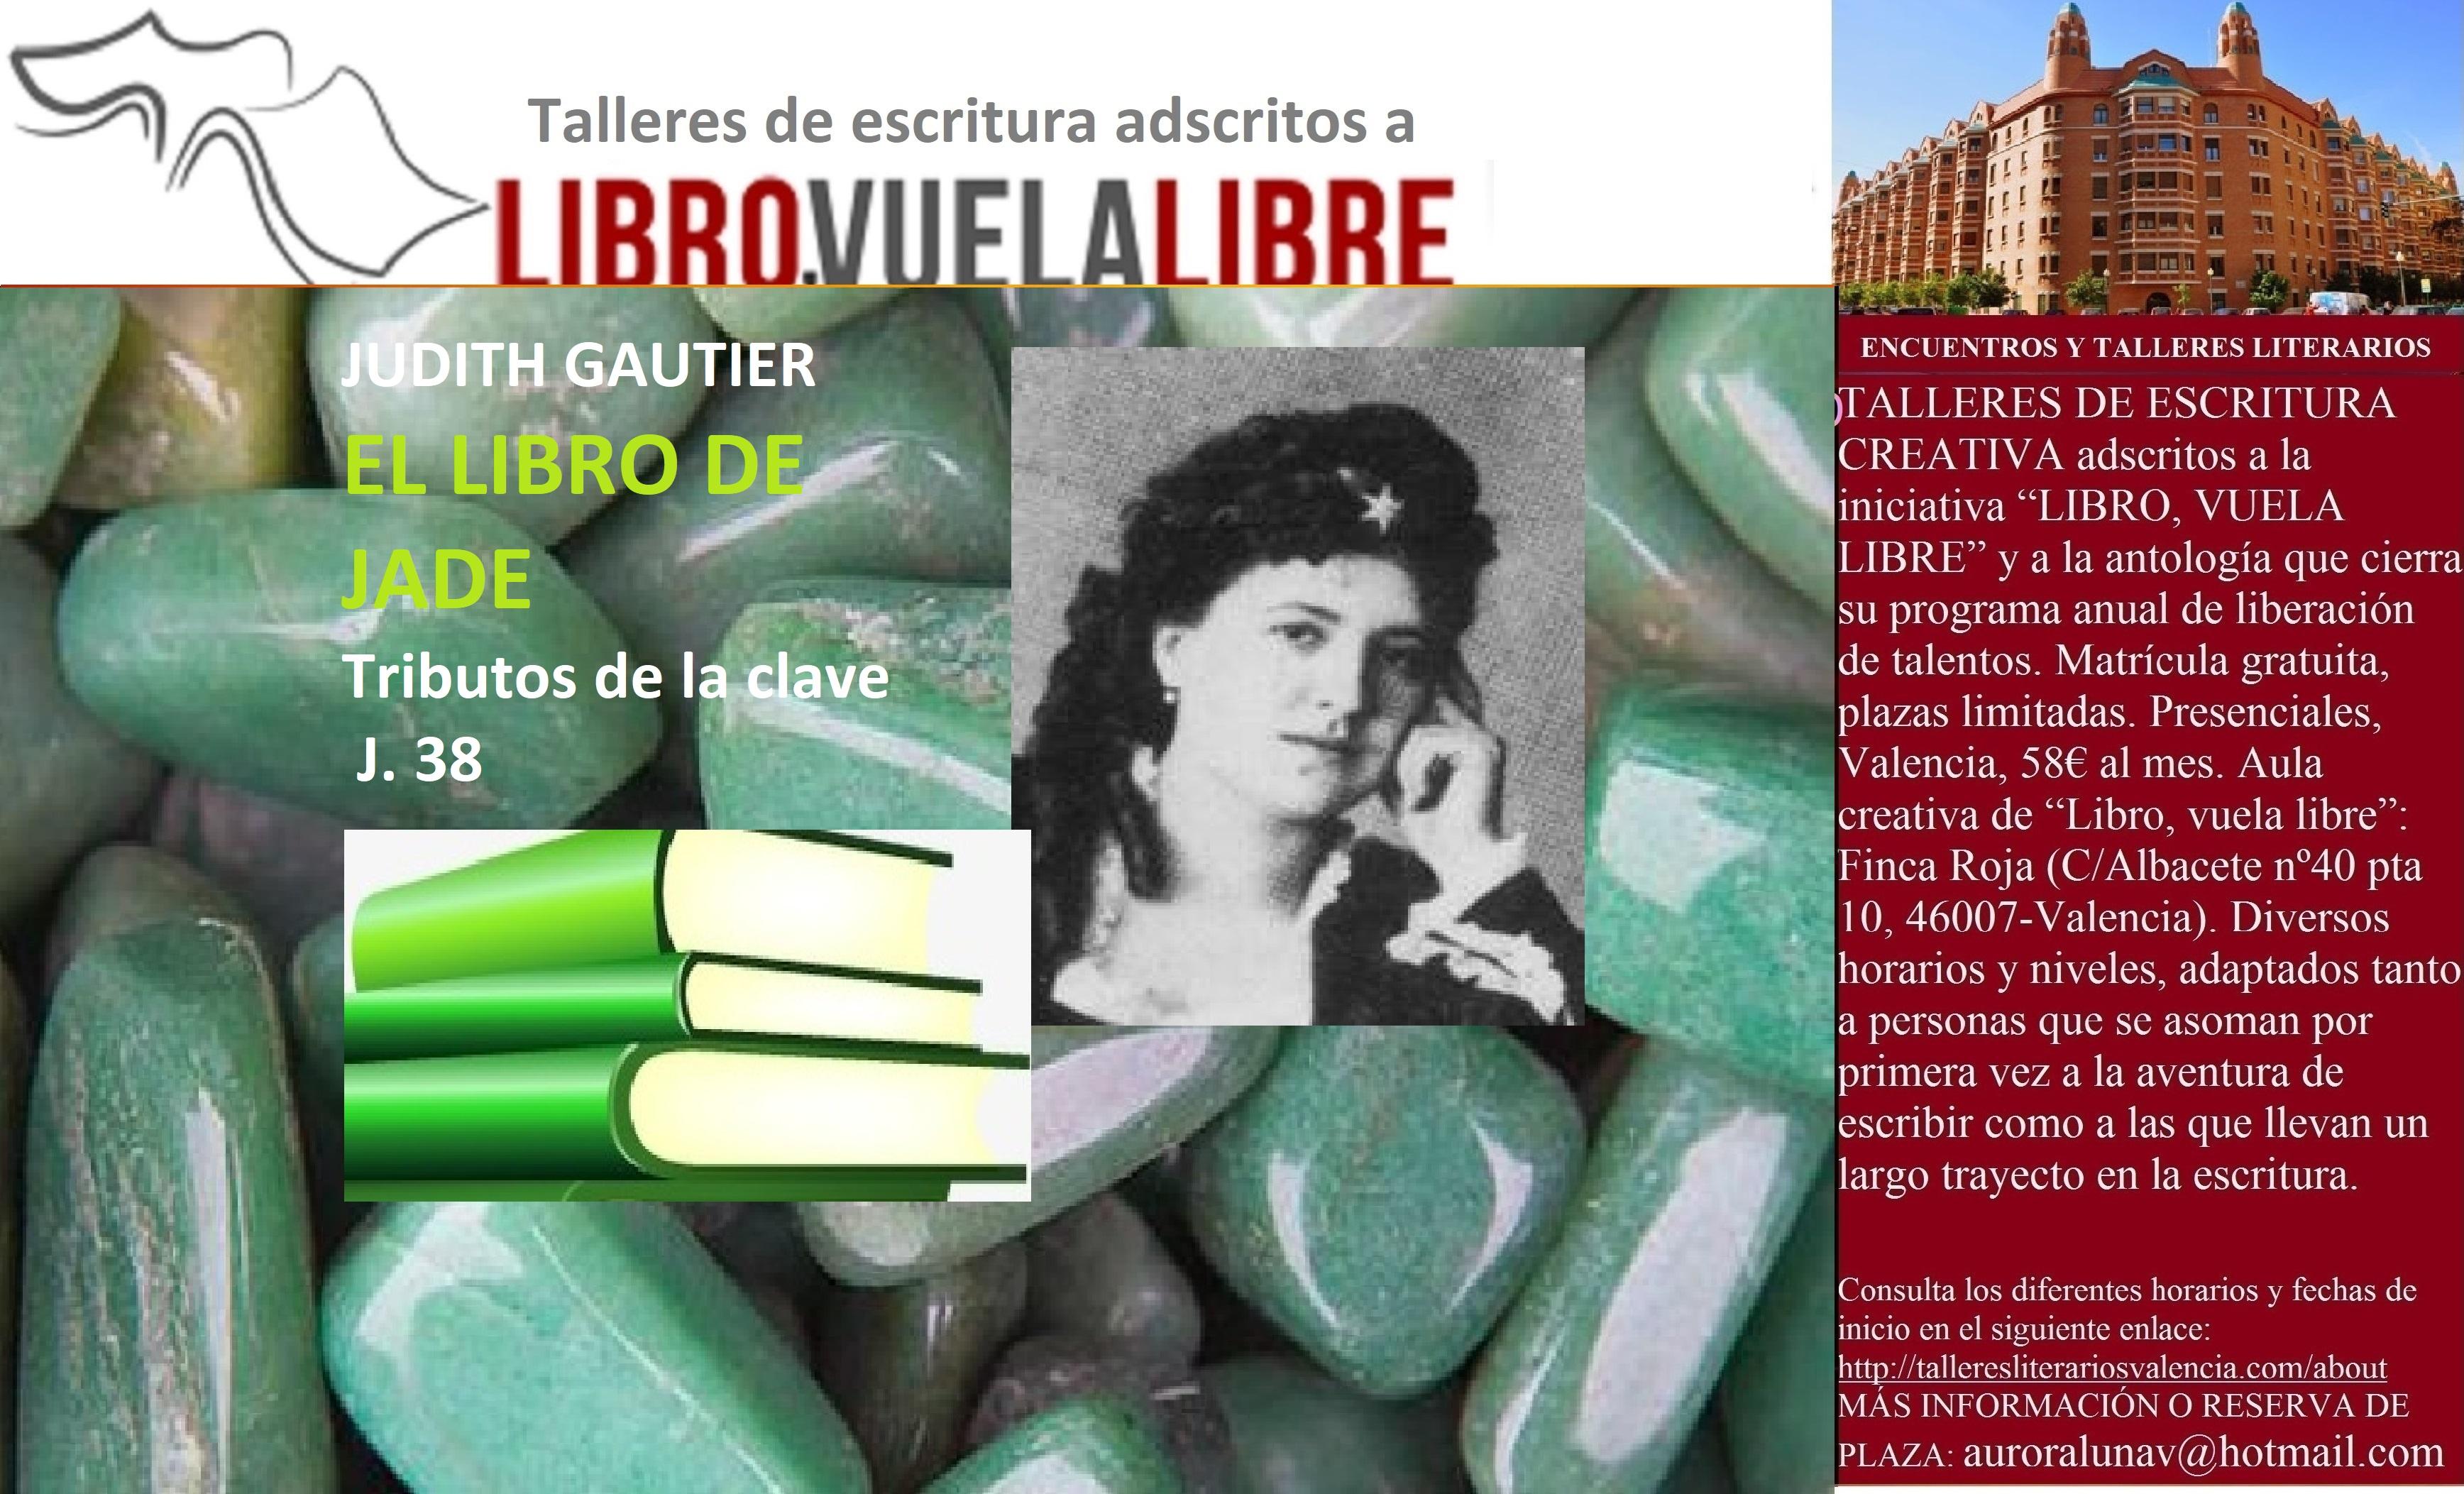 EL LIBRO DE JADE. Curso de escritura en Valencia, tributos de la clave J. 38